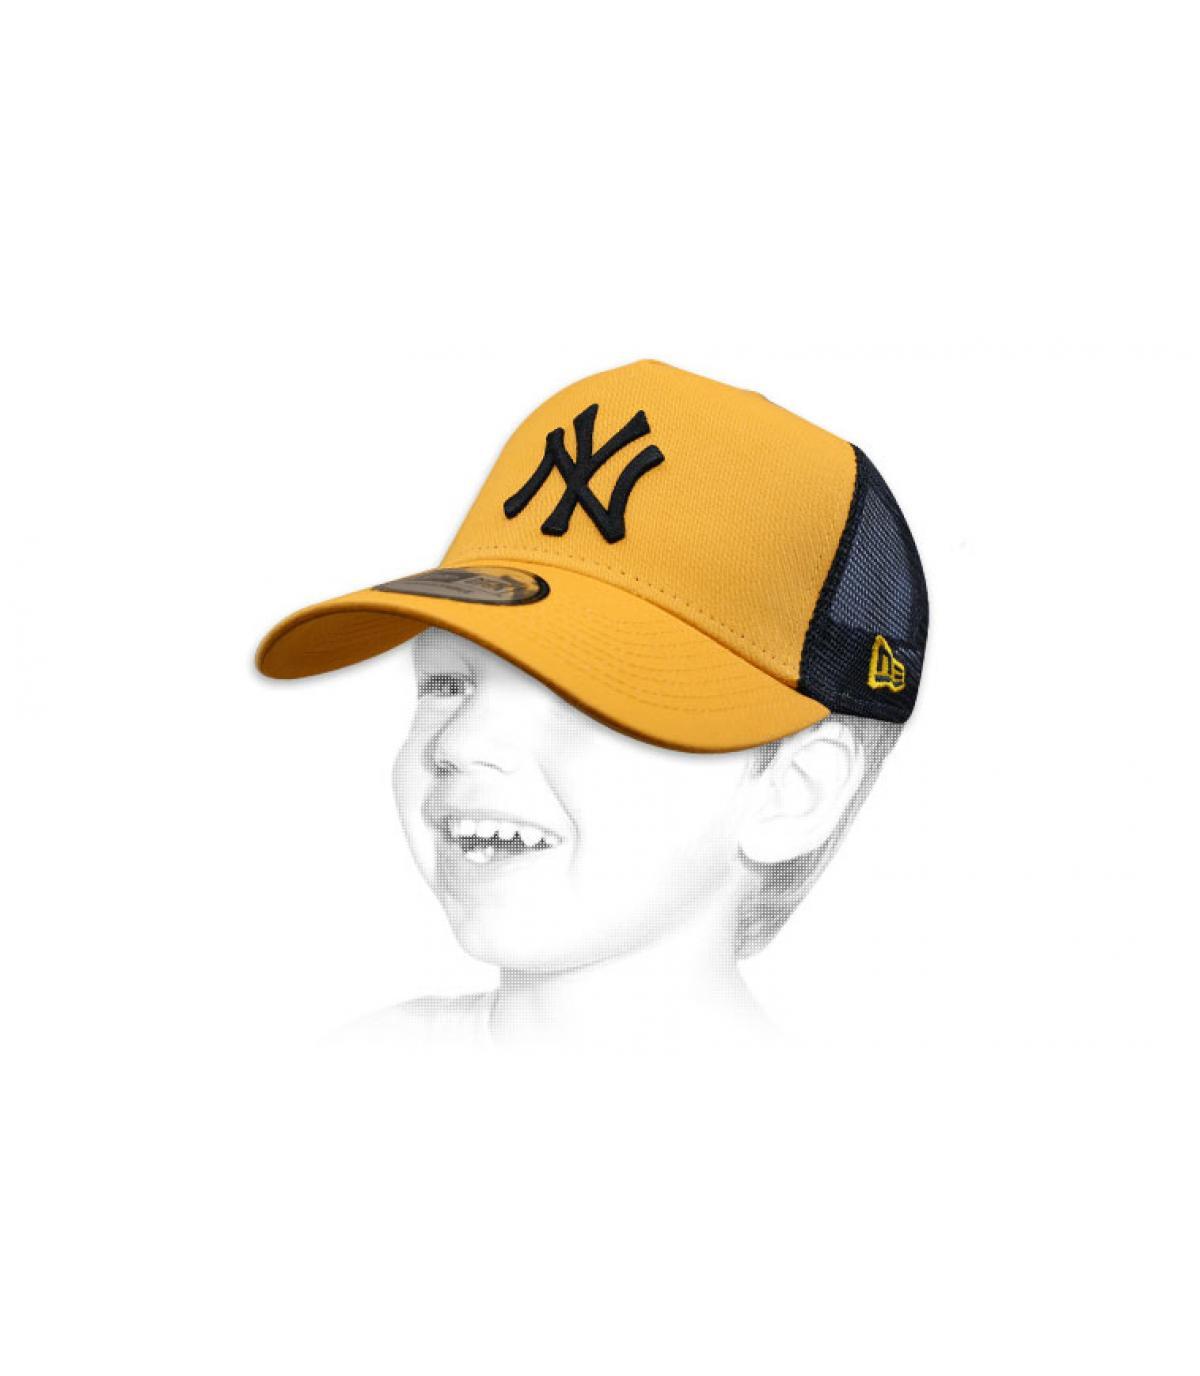 blue NY trucker cap child